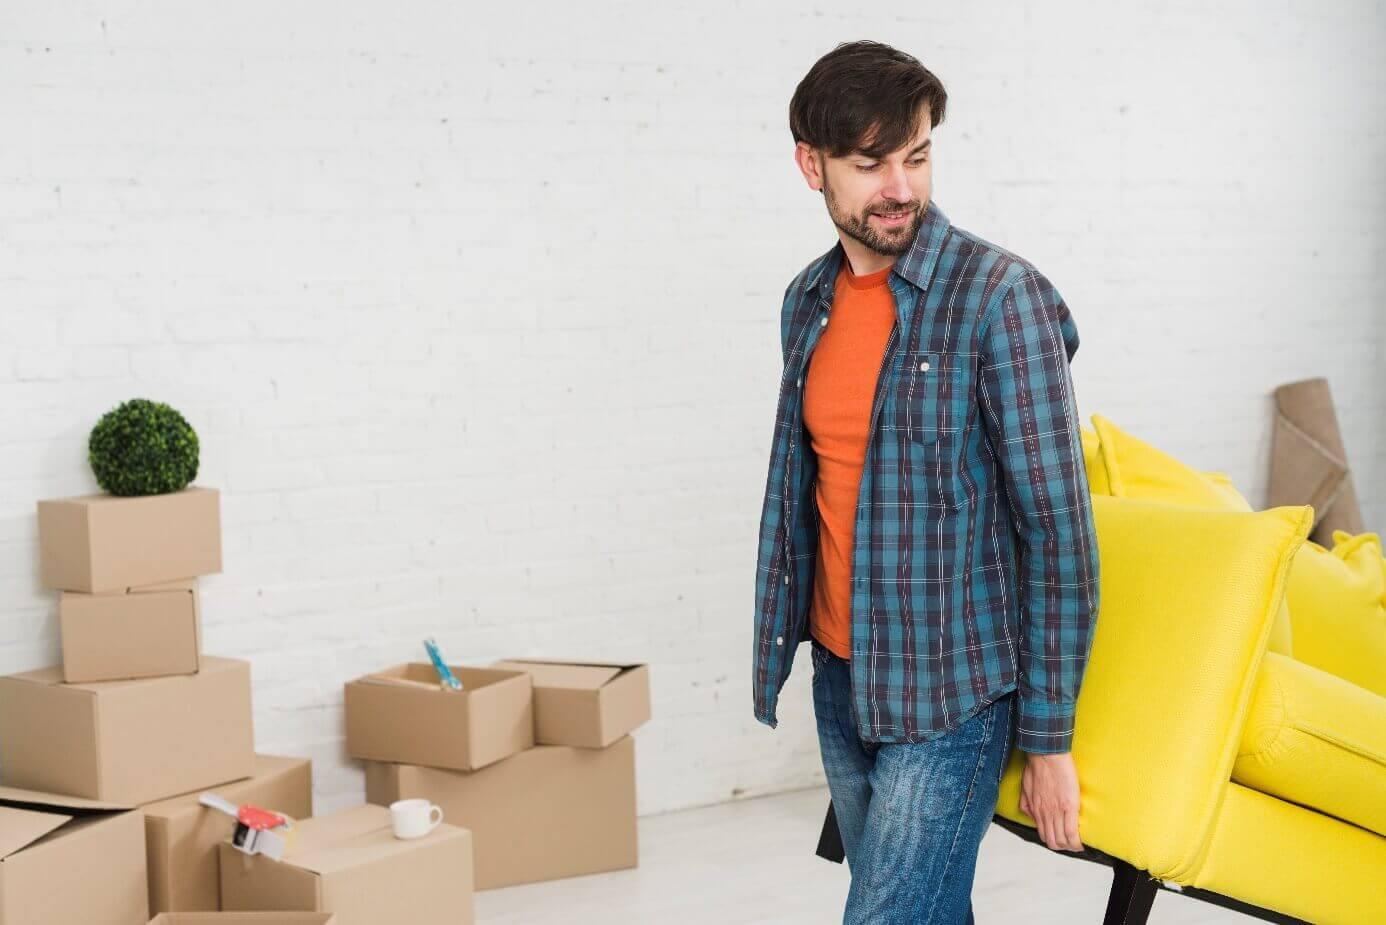 Evden Eve Nakliyat Şirketleri - Arda Taşımacılık